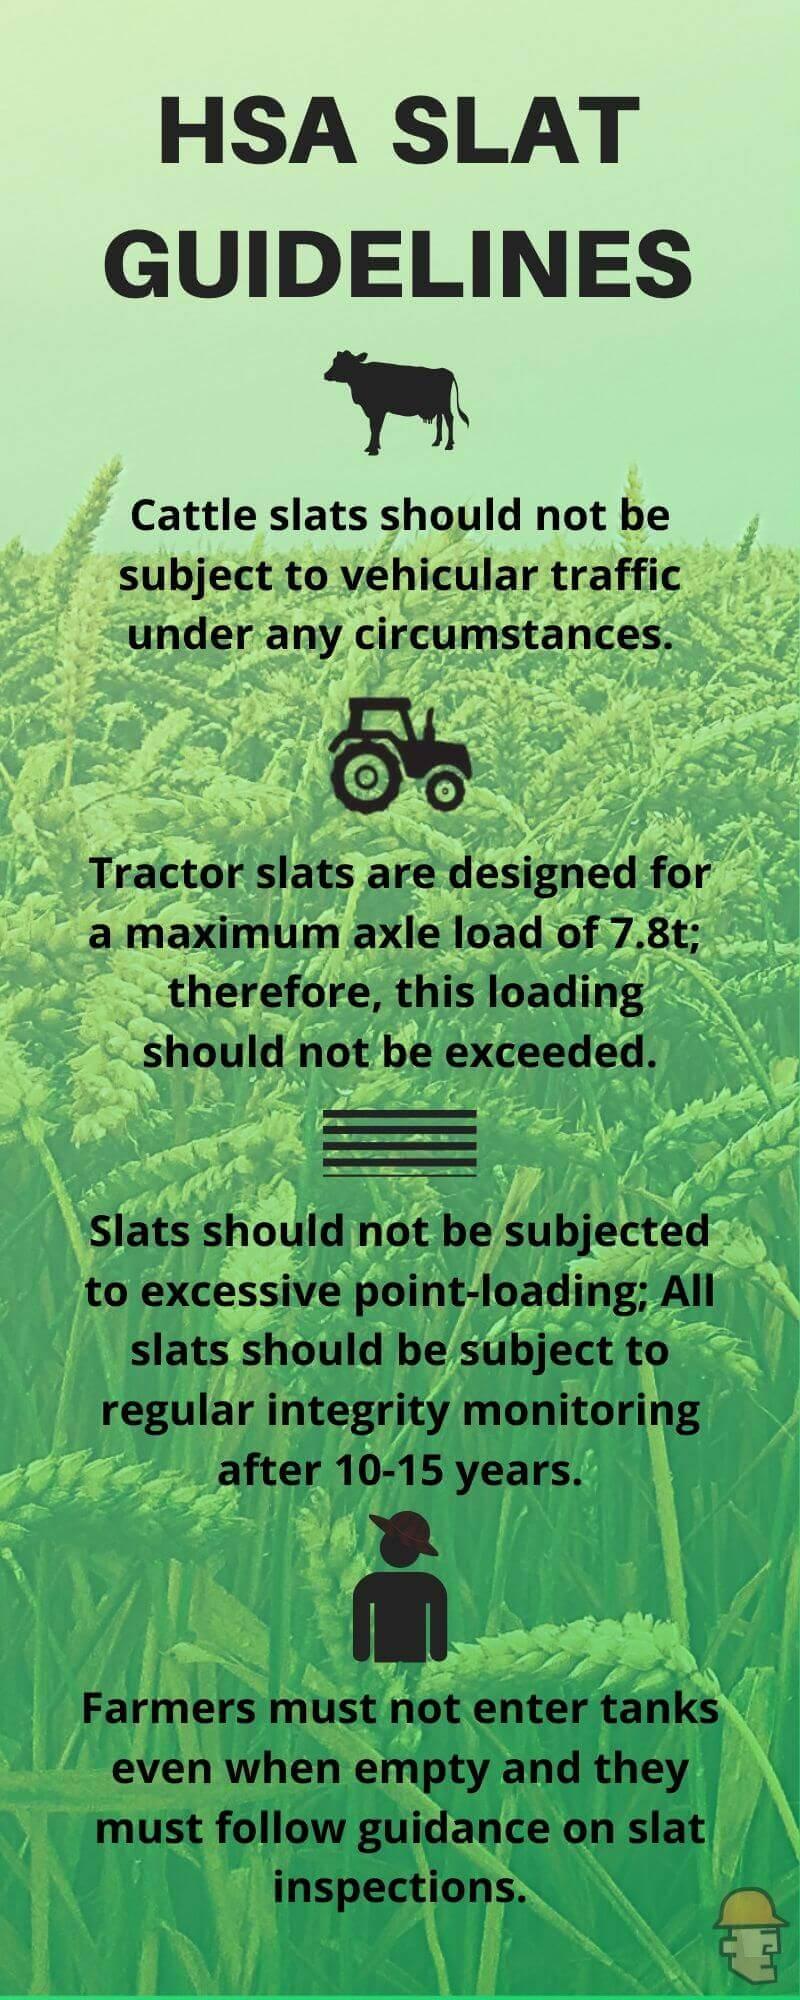 HSA Slat requirements